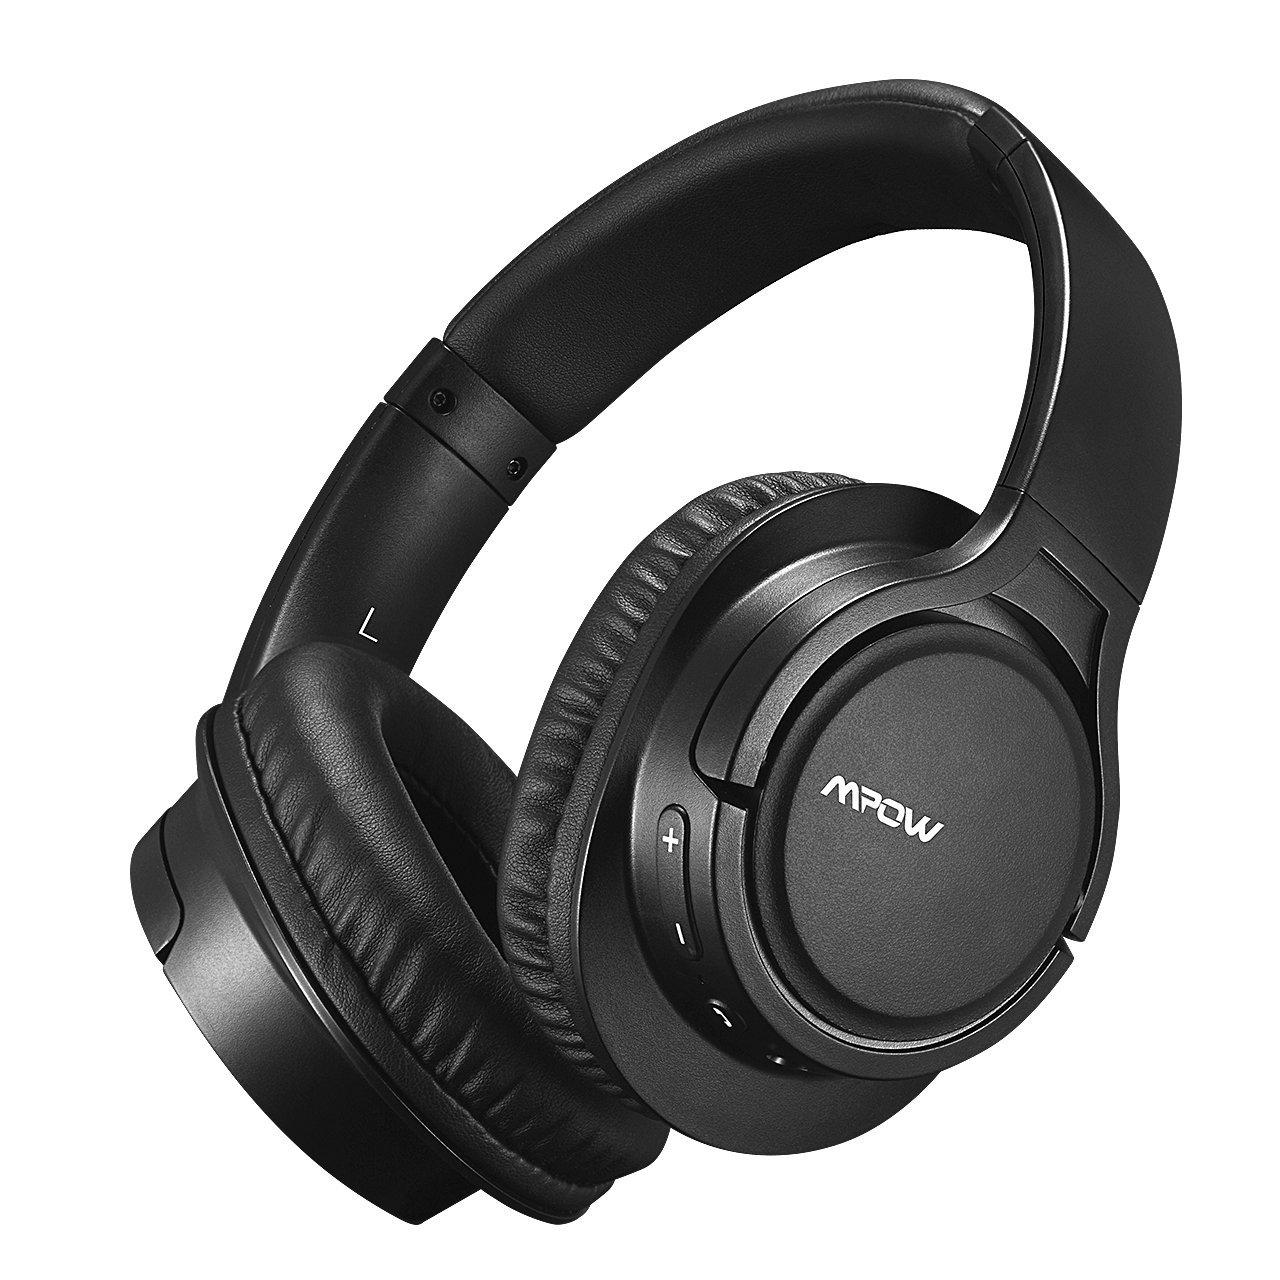 Mpow H7 Cascos Bluetooth Inalámbrico,Auriculares Bluetooth para Televsion,15hrs de Reproduccion de Música